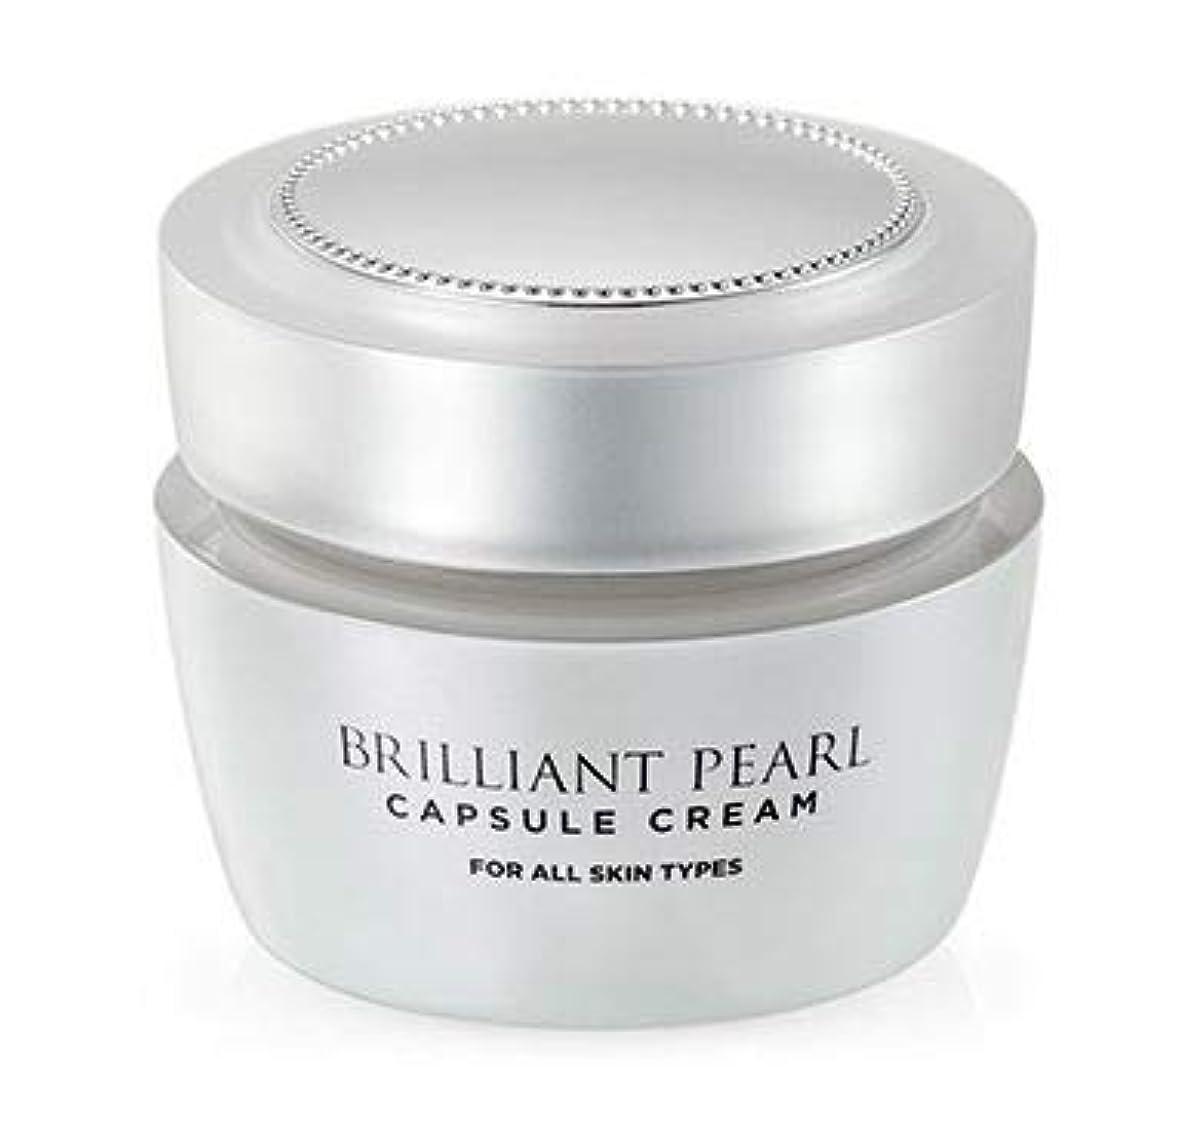 爵軽食請求書[A.H.C] Brilliant Pearl Capsule Cream 50g /ブリリアントパールカプセルクリーム50g [並行輸入品]